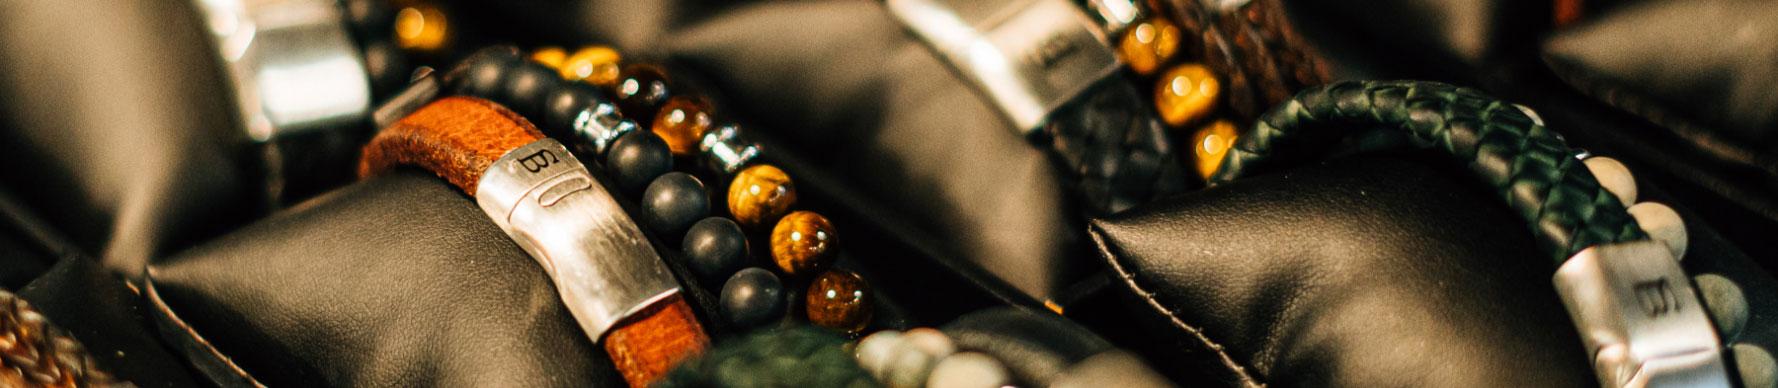 A selection of bracelets for men.